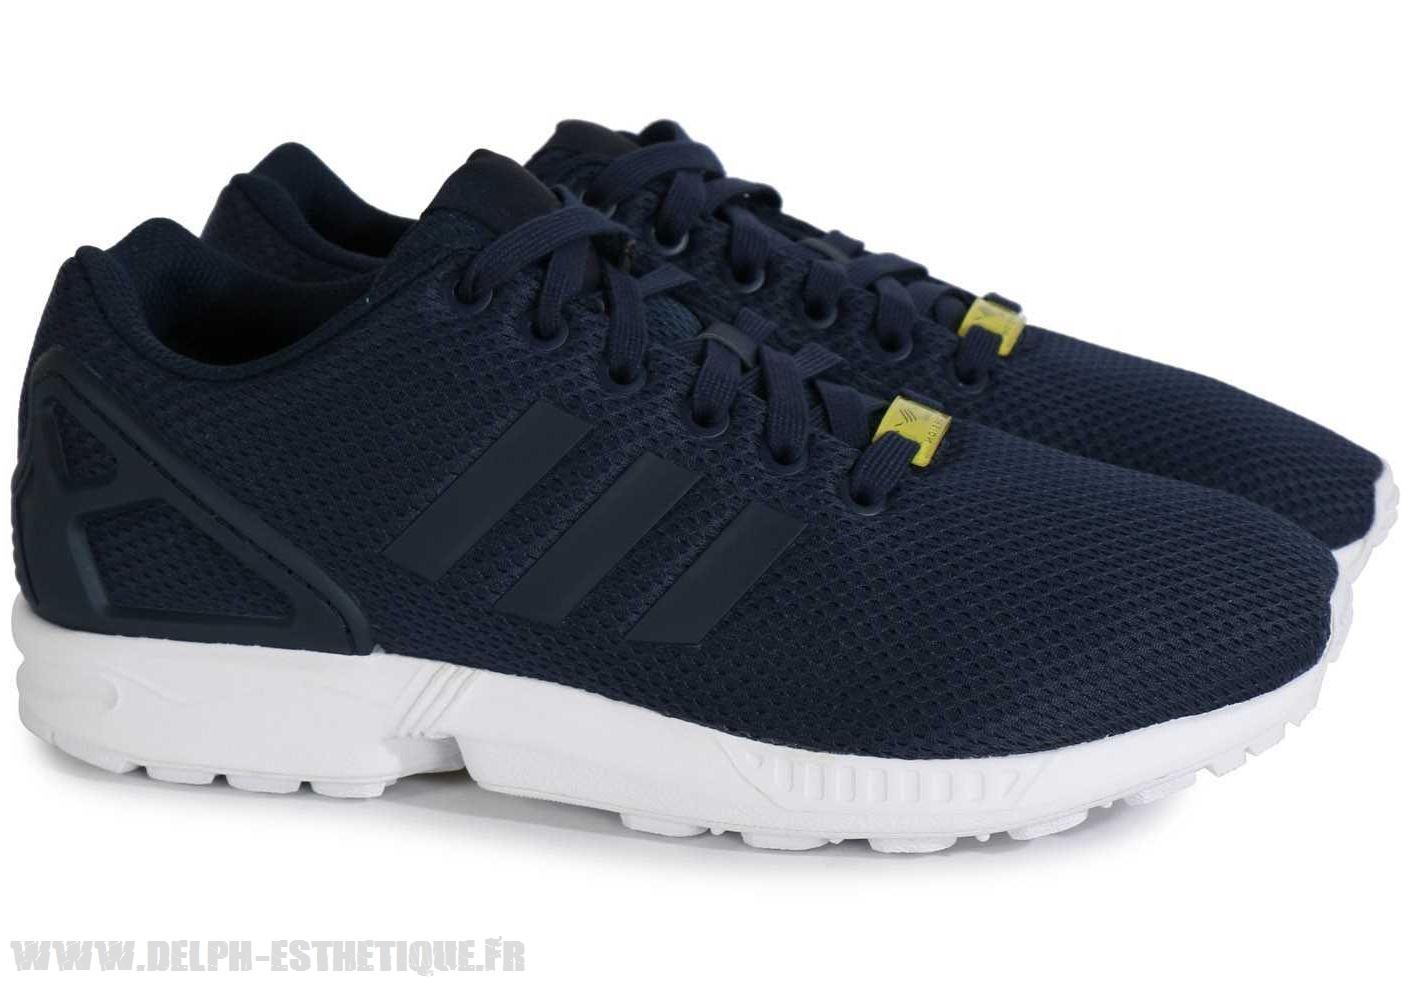 vente chaude en ligne d0379 45023 basket adidas zx flux homme pas cher une vente de ...